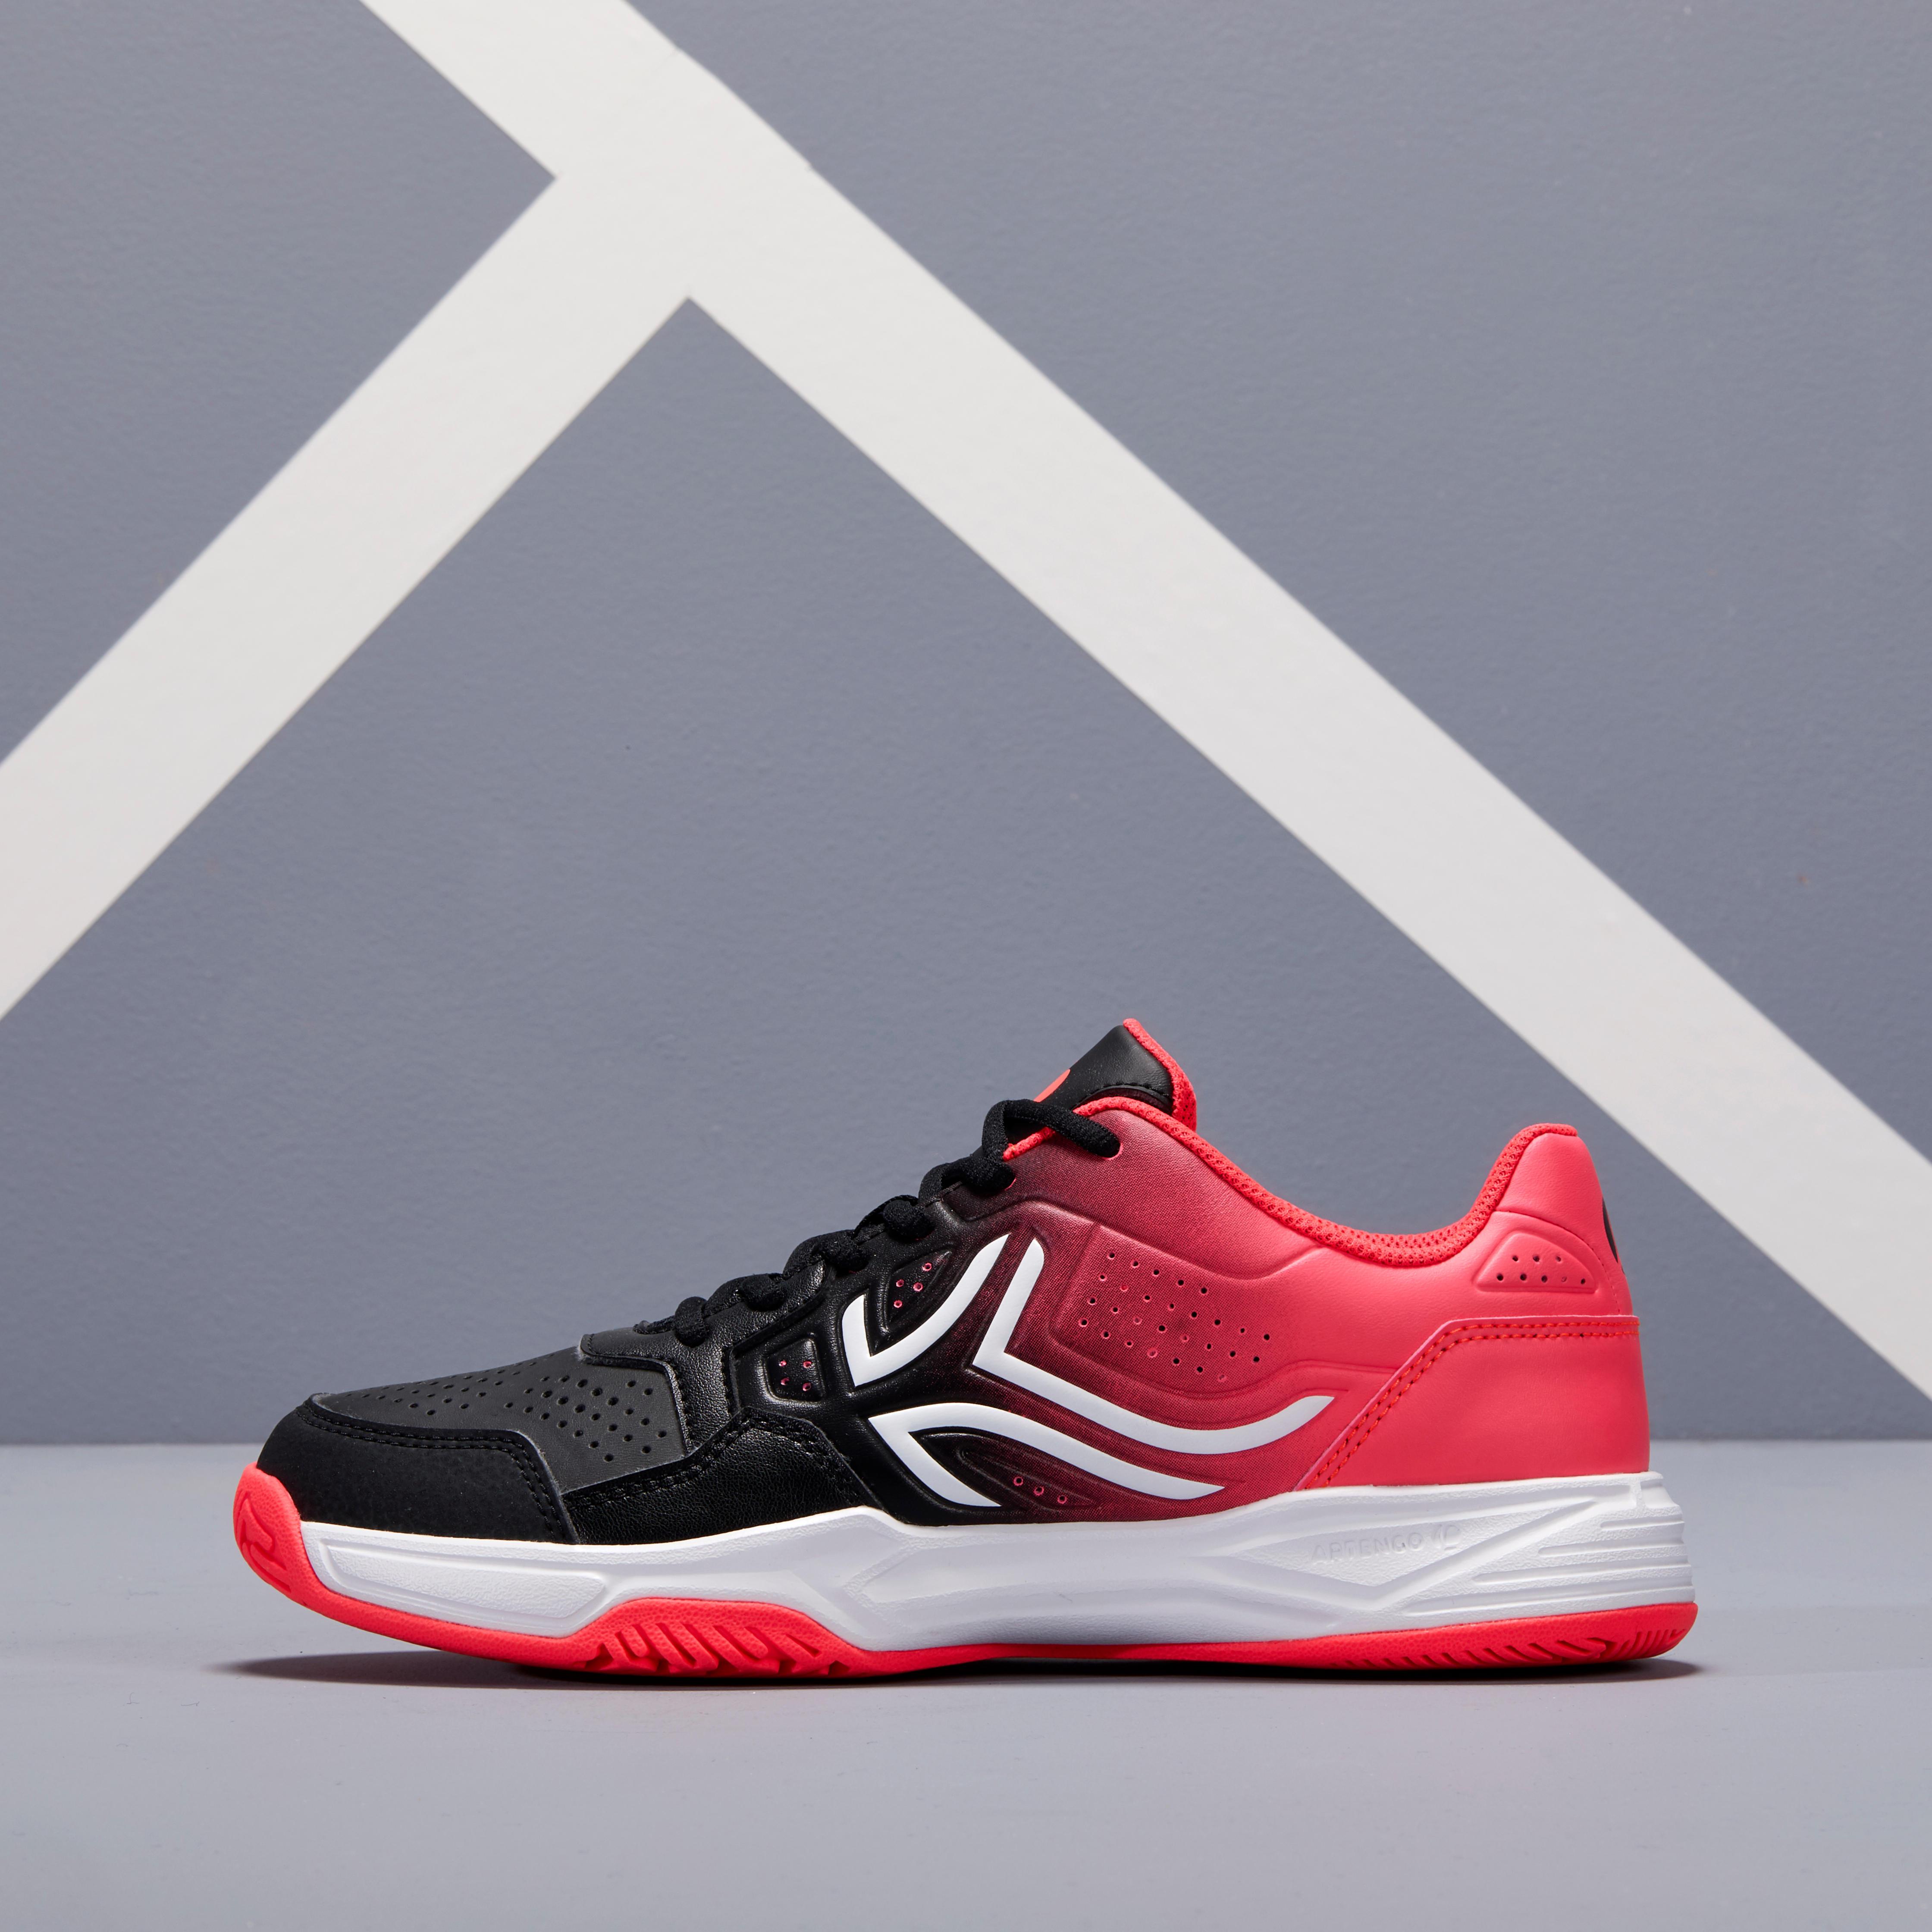 Ts 190 Women U0026 39 S Tennis Shoes  Pink